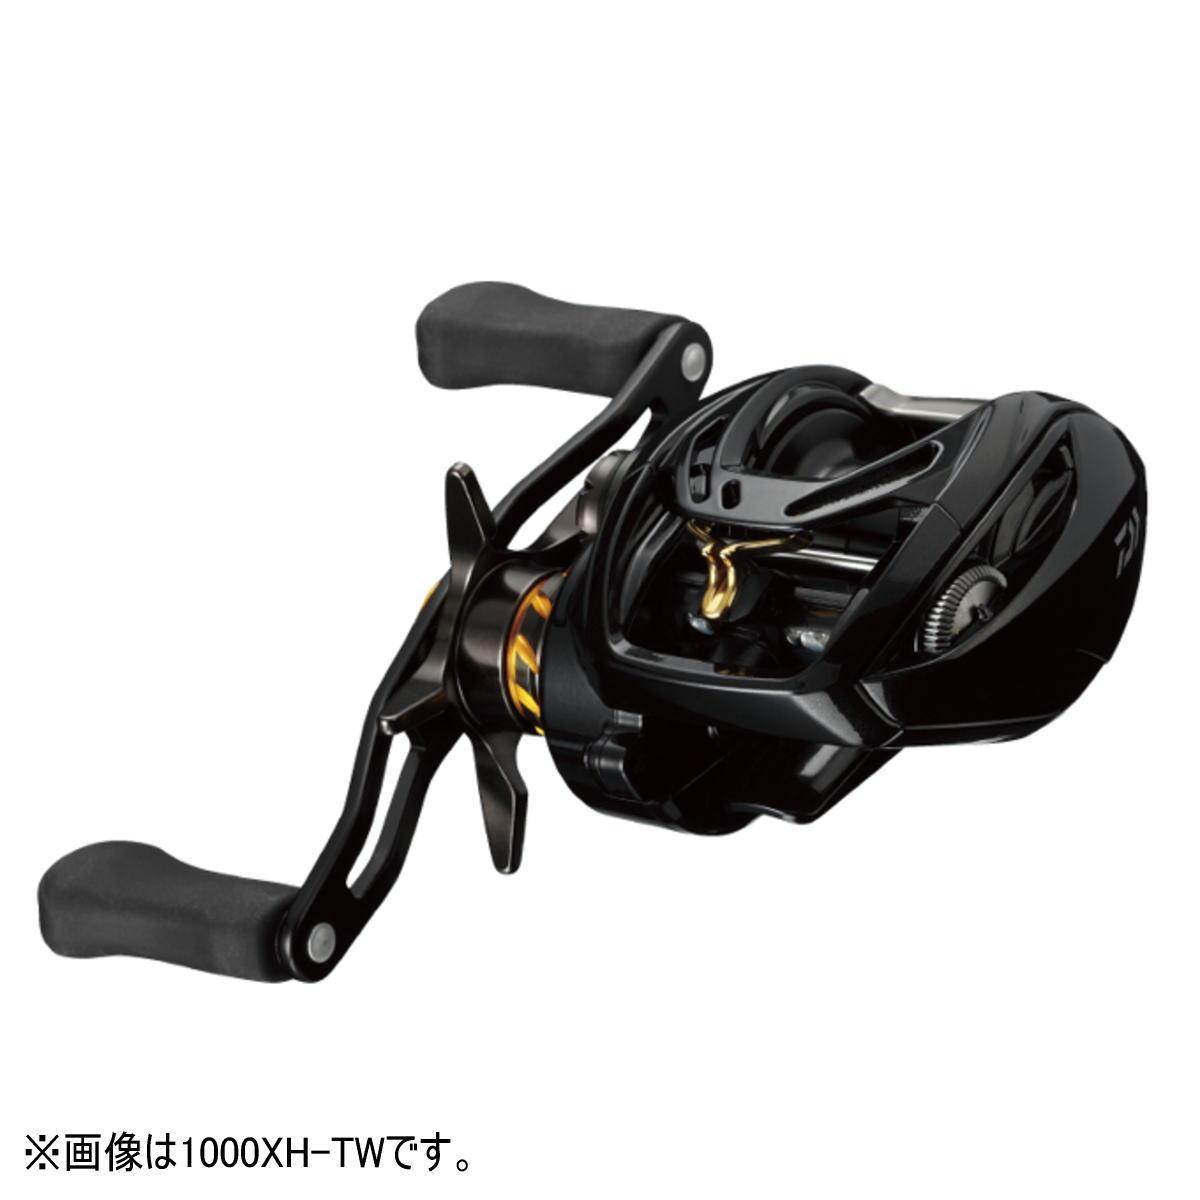 【送料無料4】ダイワ リール '19 モアザン PE TW 1000XH-TW